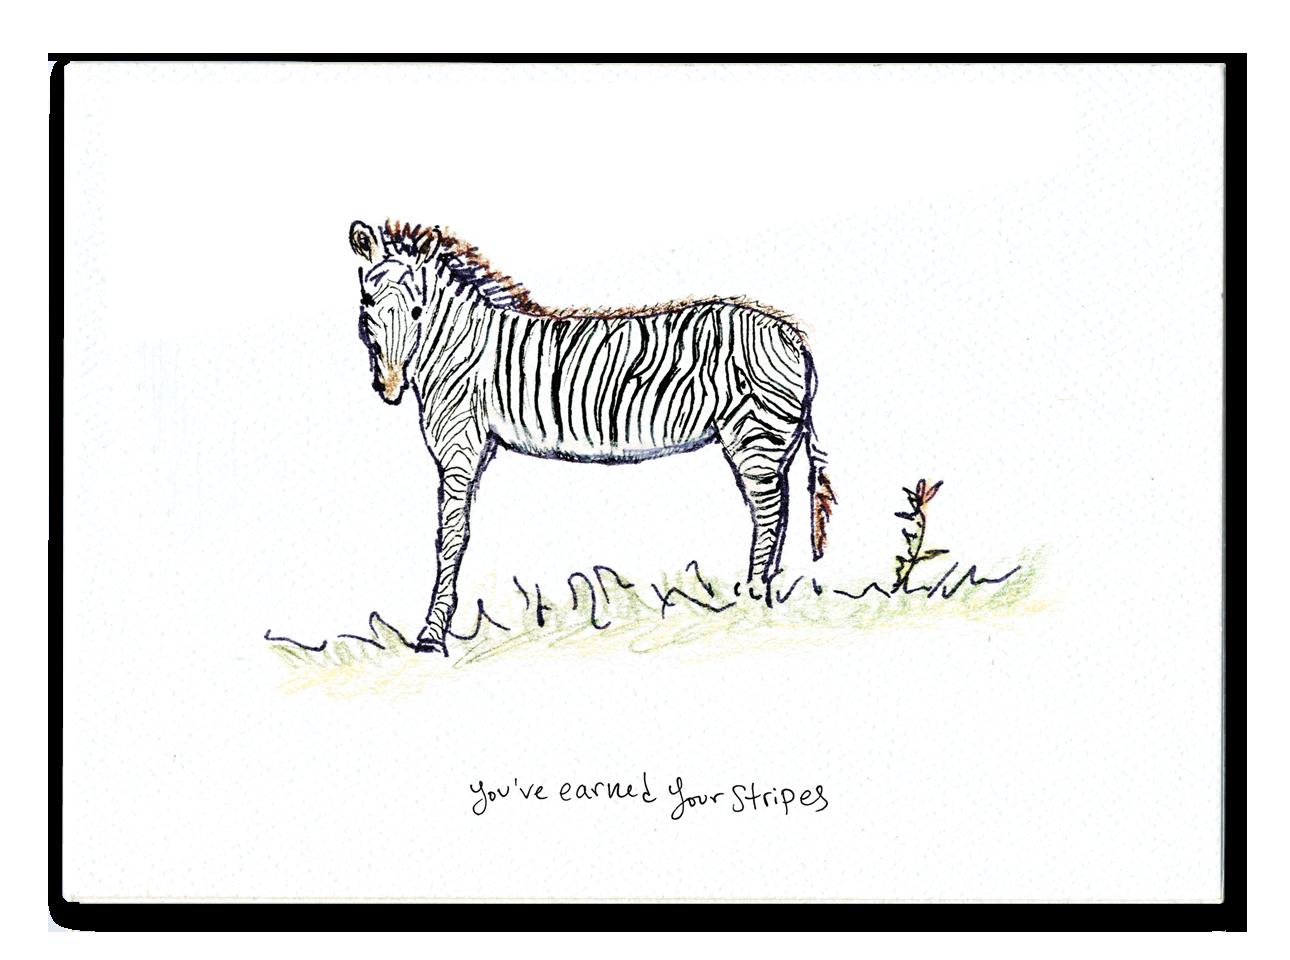 Earned Stripes